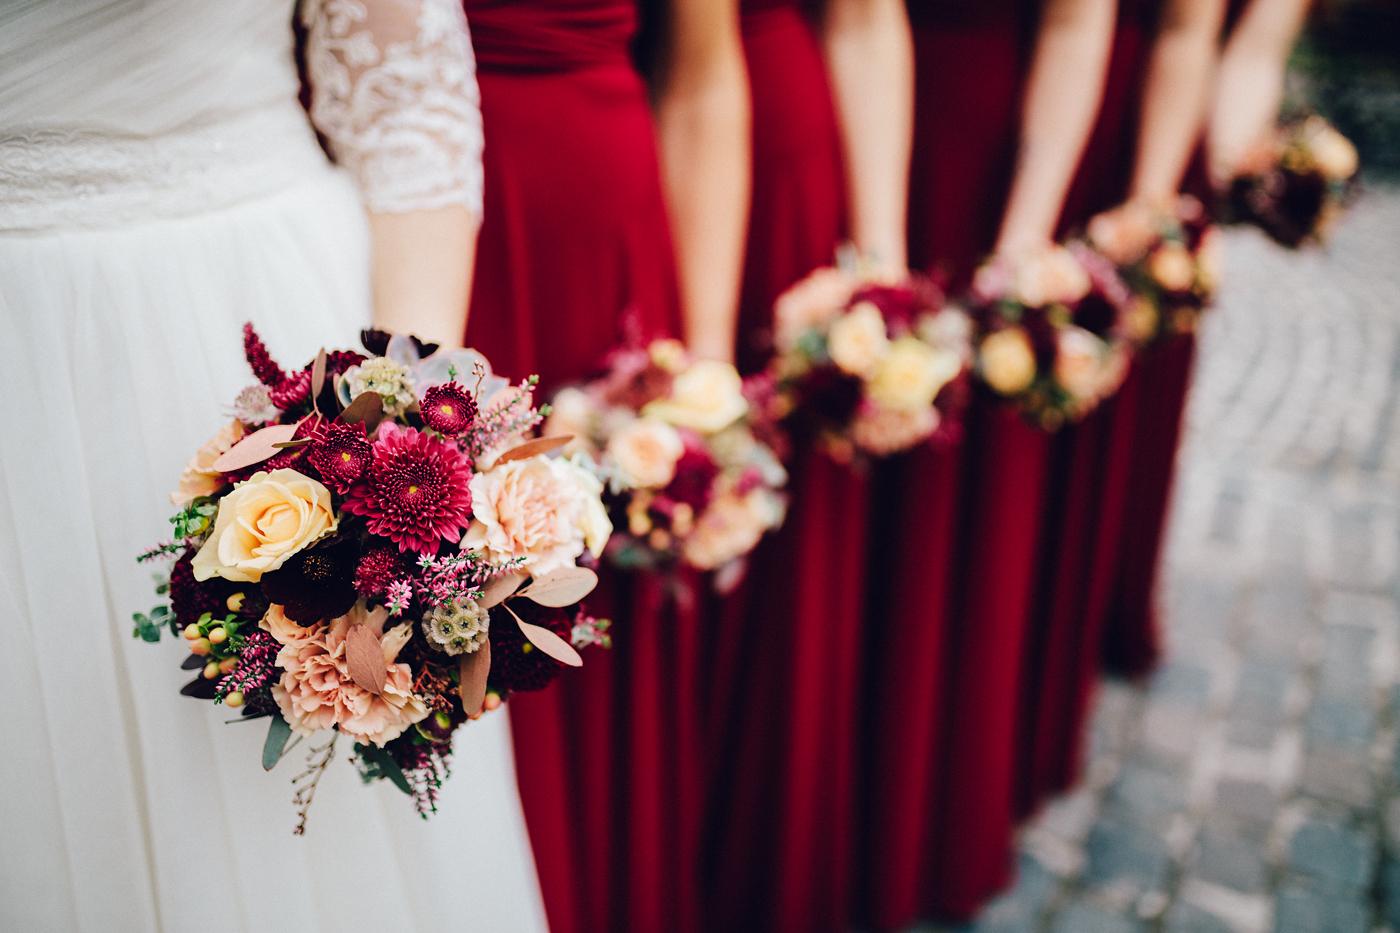 Die 13 Besten Bilder Zu Braut Mit Brautjungfern Brautjungfern